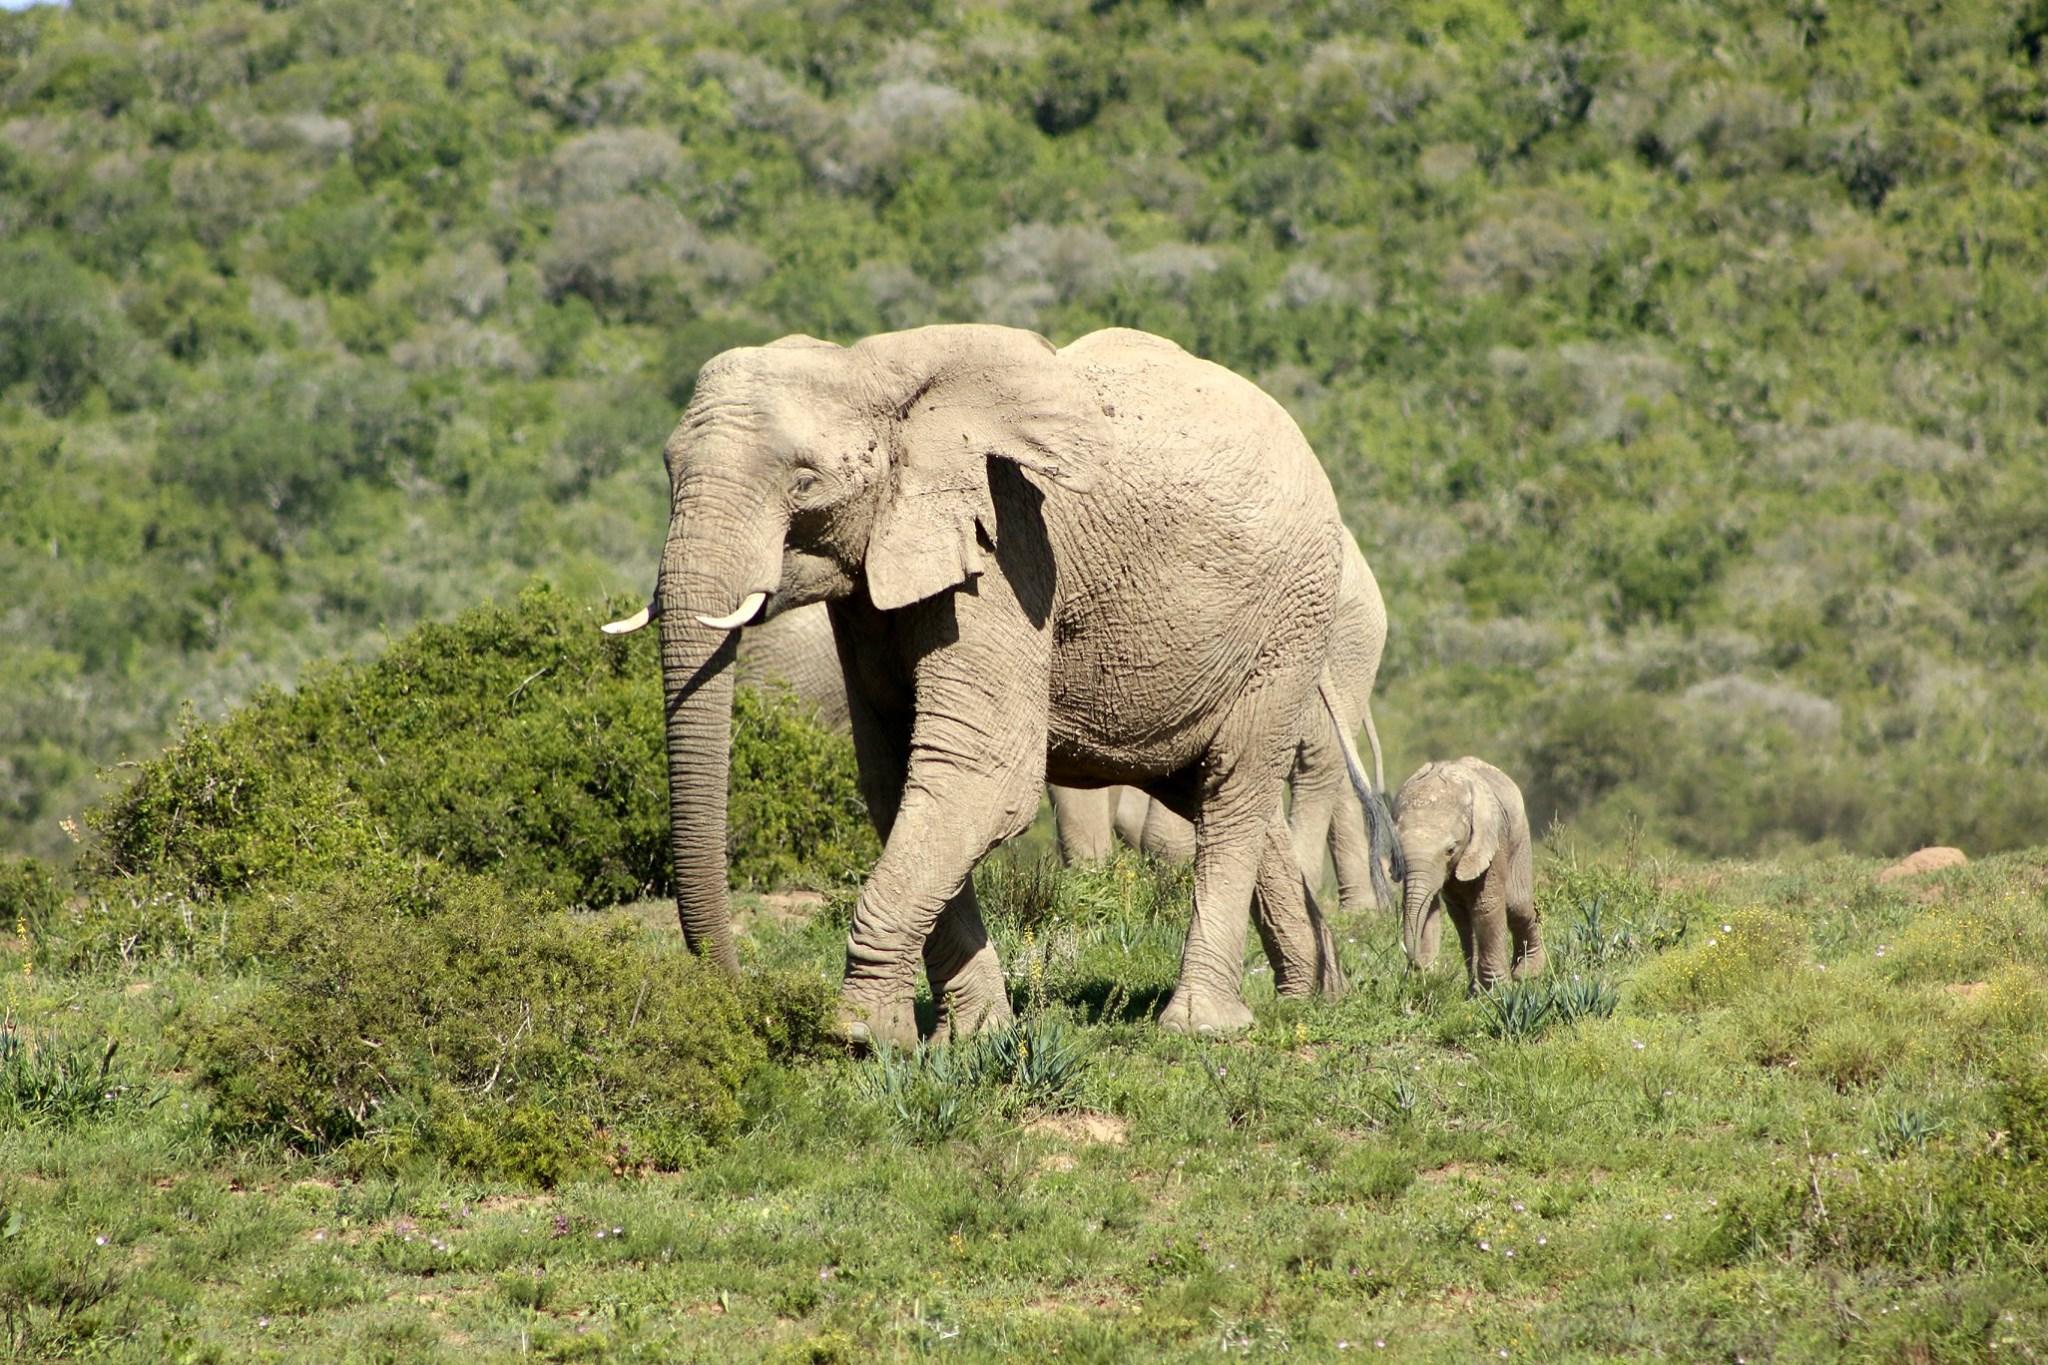 volunteer with elephants